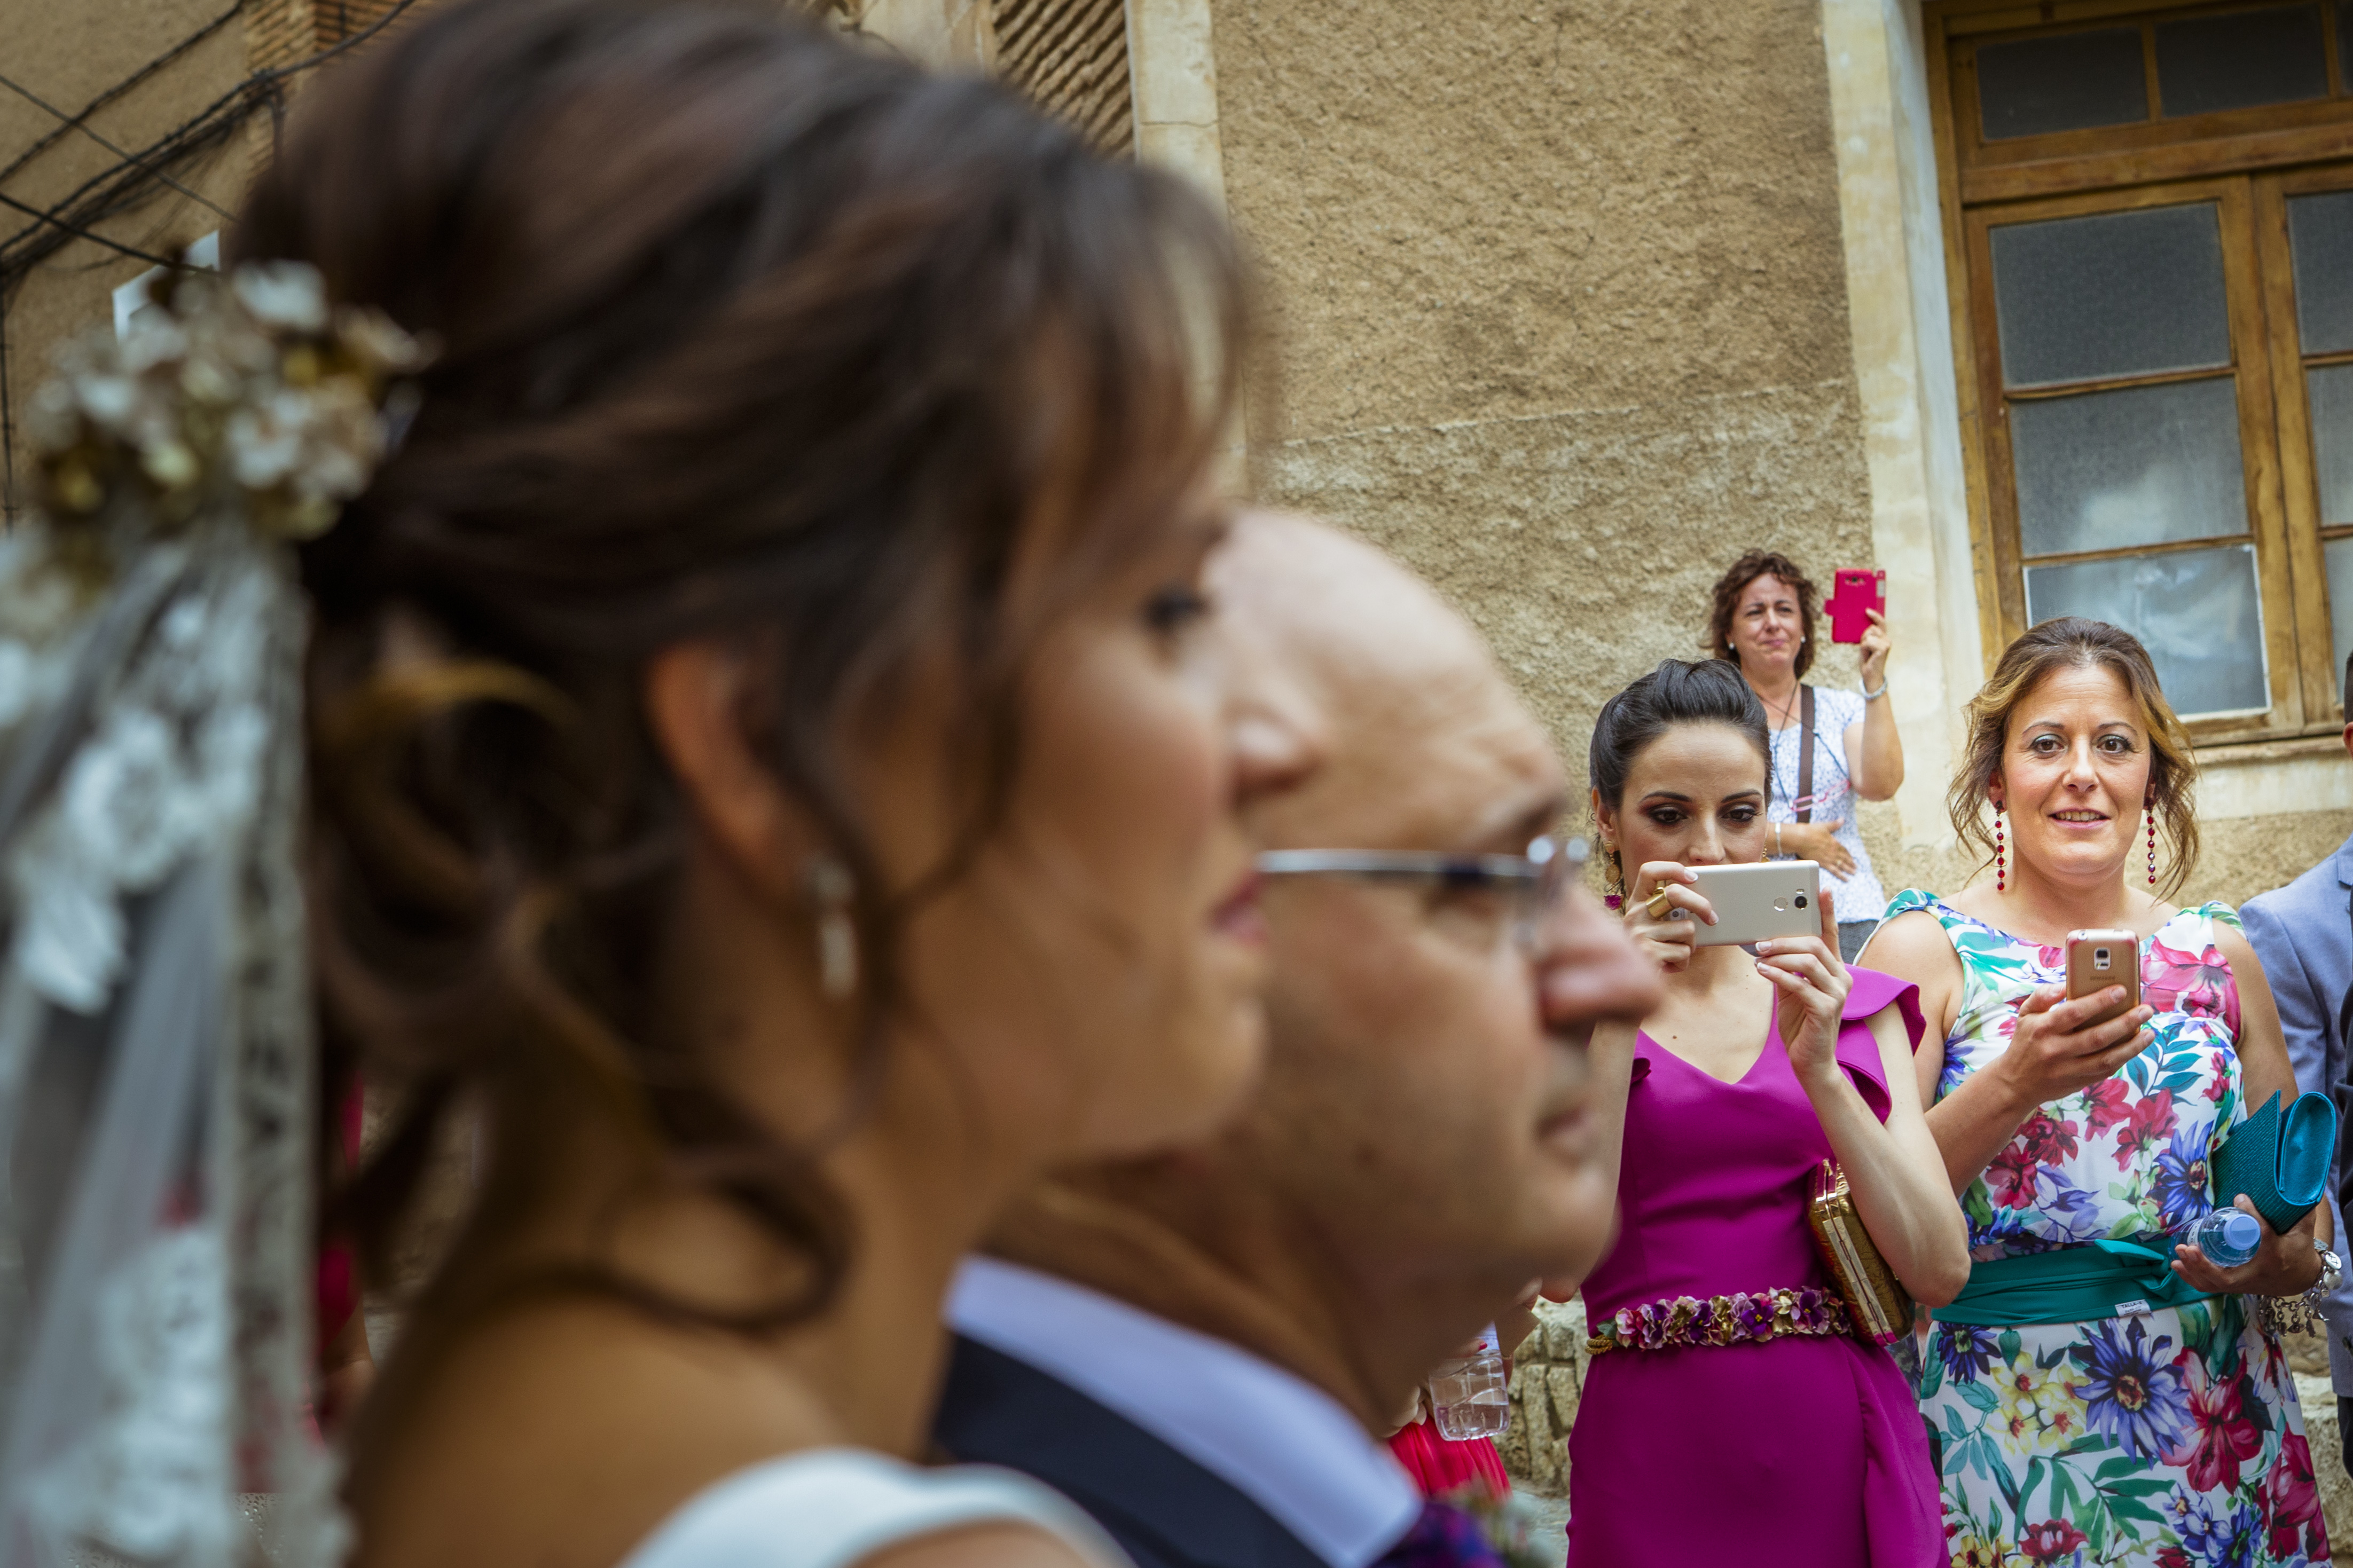 mandarina wedding, fotografos de boda, fotoperiodismo de boda, mejores fotografos de boda, bodas soria, bodas pirineo, bodas Madrid, fotógrafo daroca_33